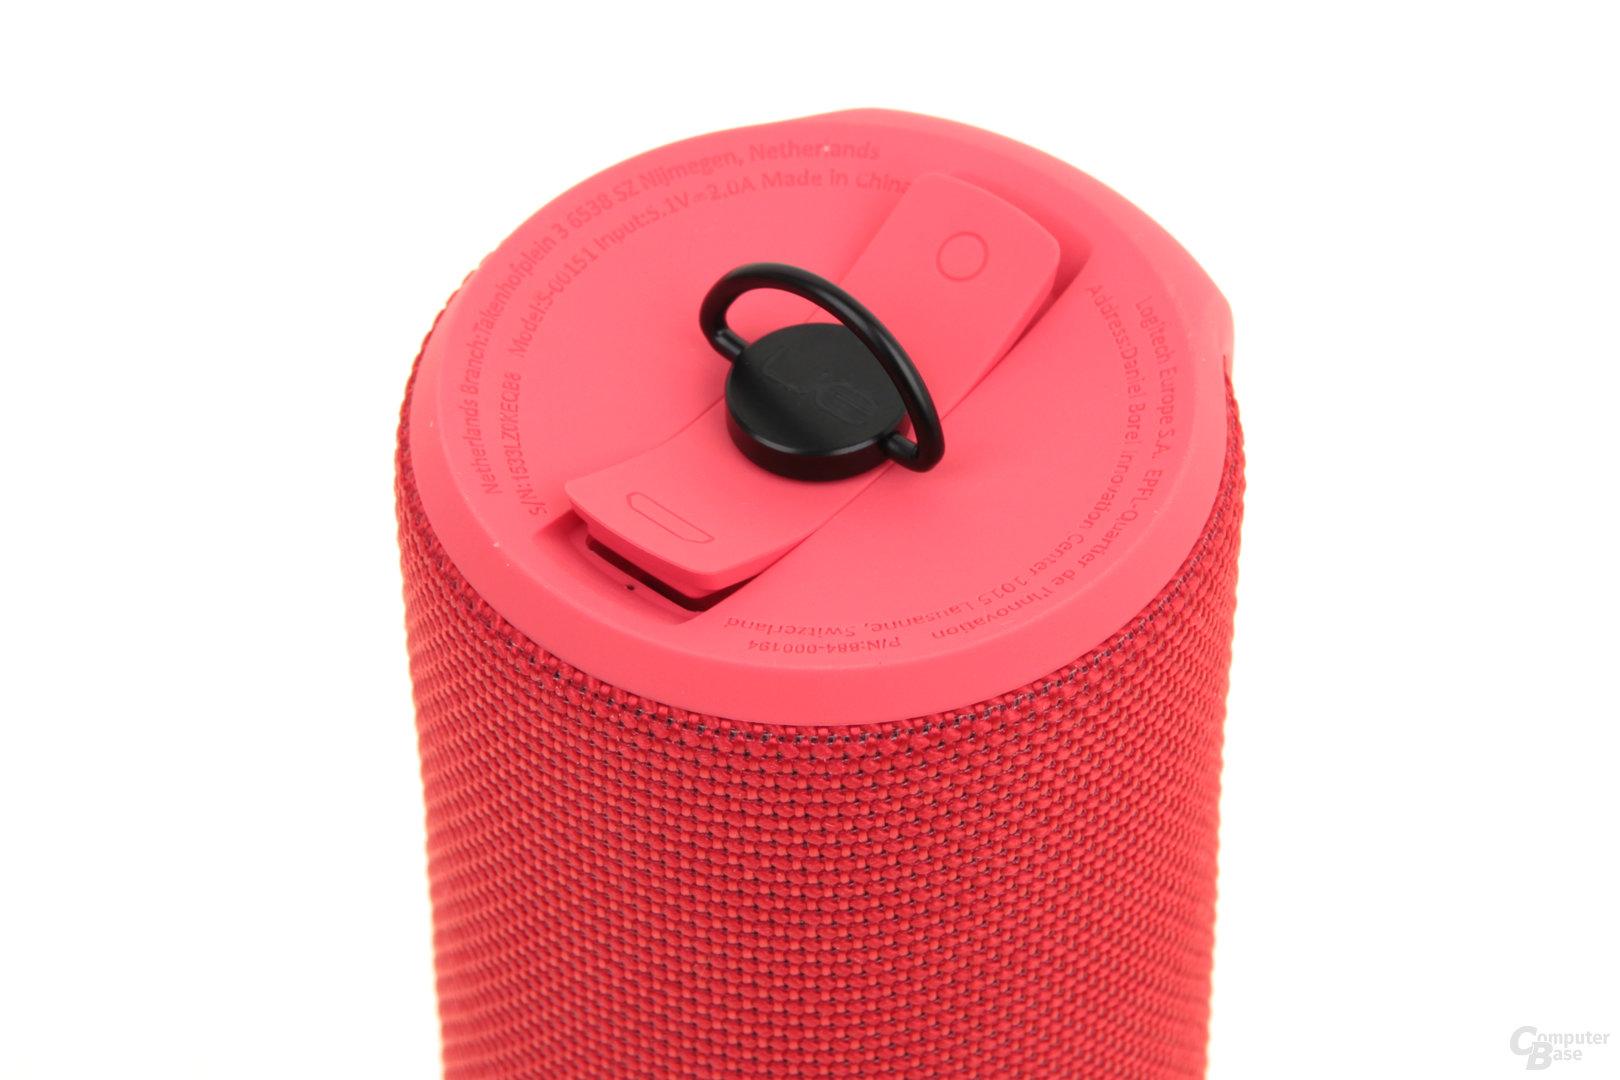 UE Boom 2 – Schutzkappe über Klinke und Mikro-USB